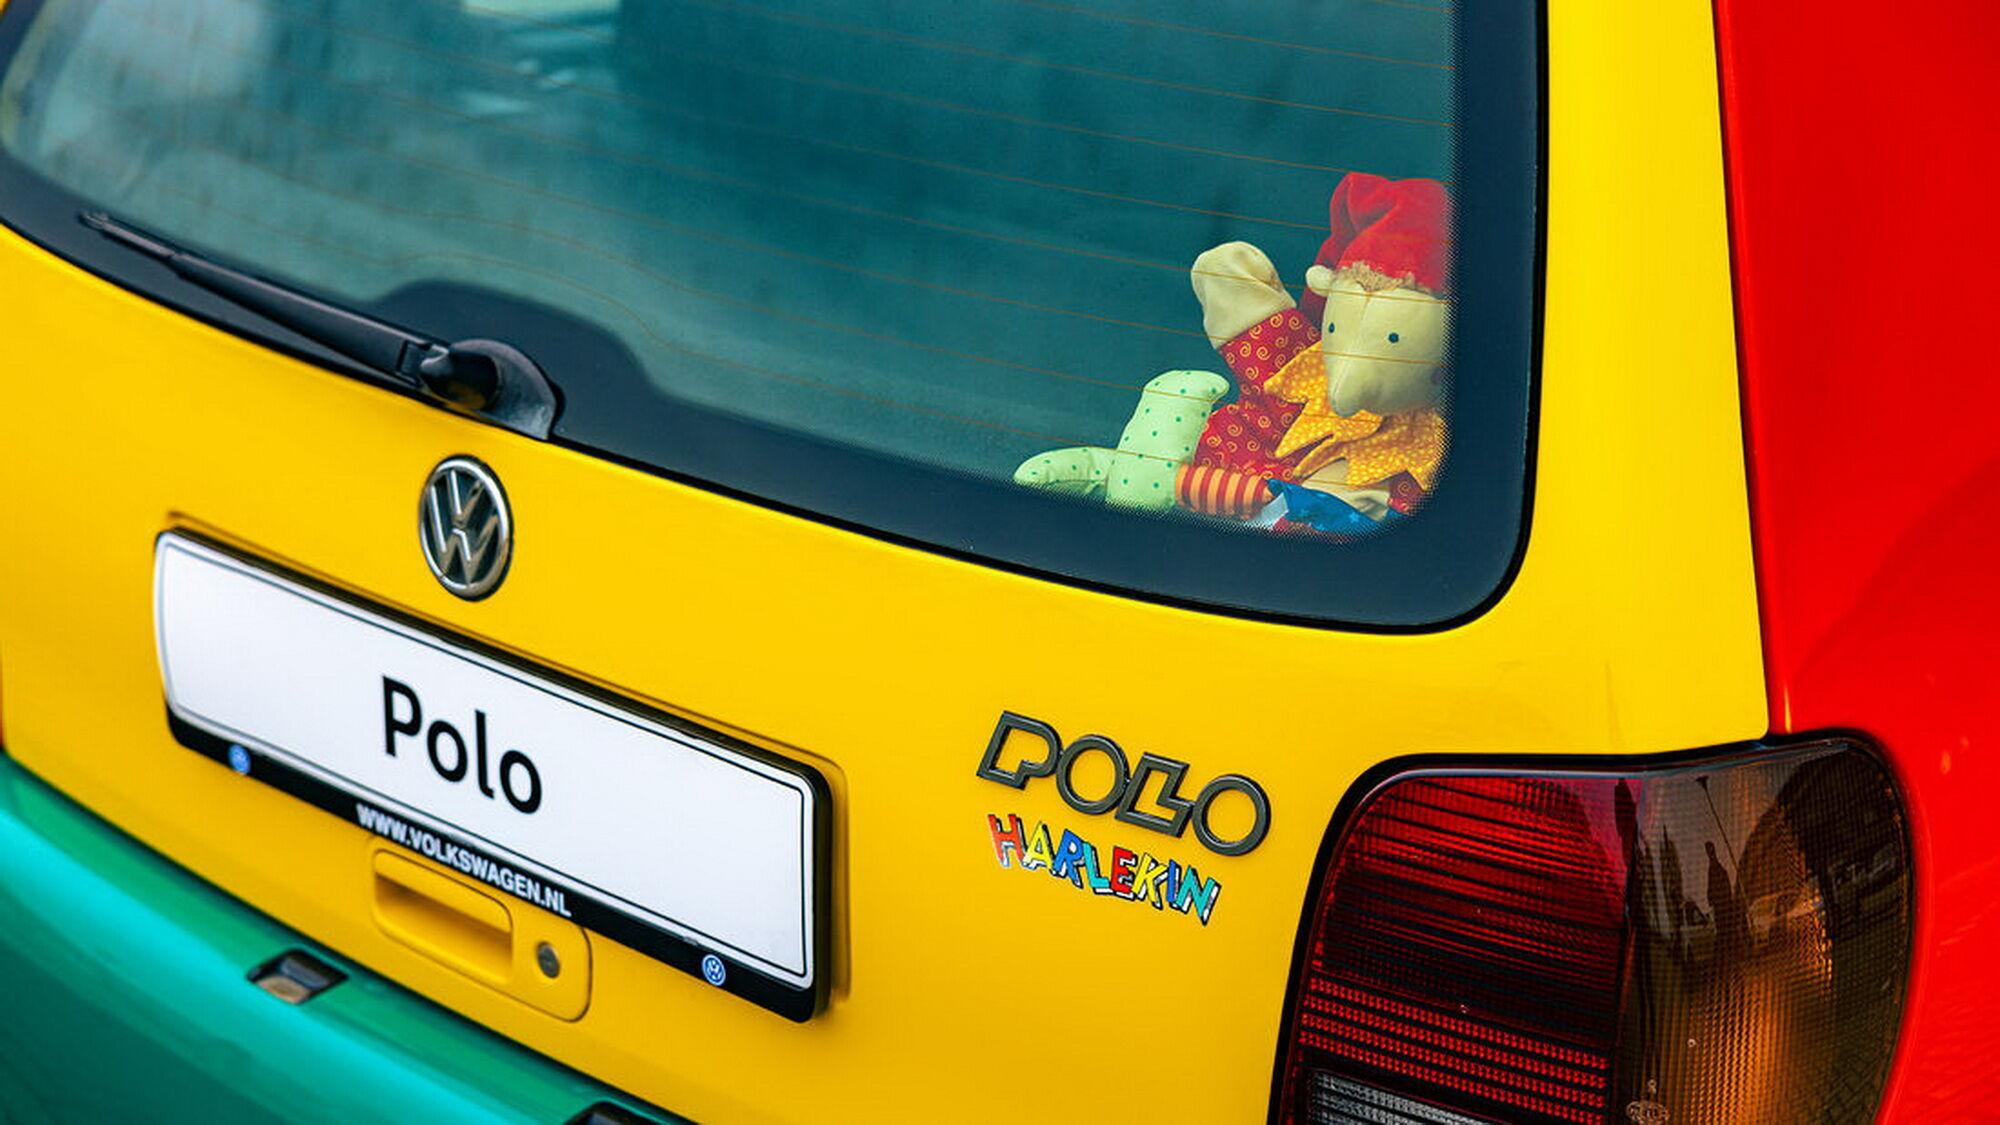 Polo Harlekin був виготовлений у кількості 3806 примірників